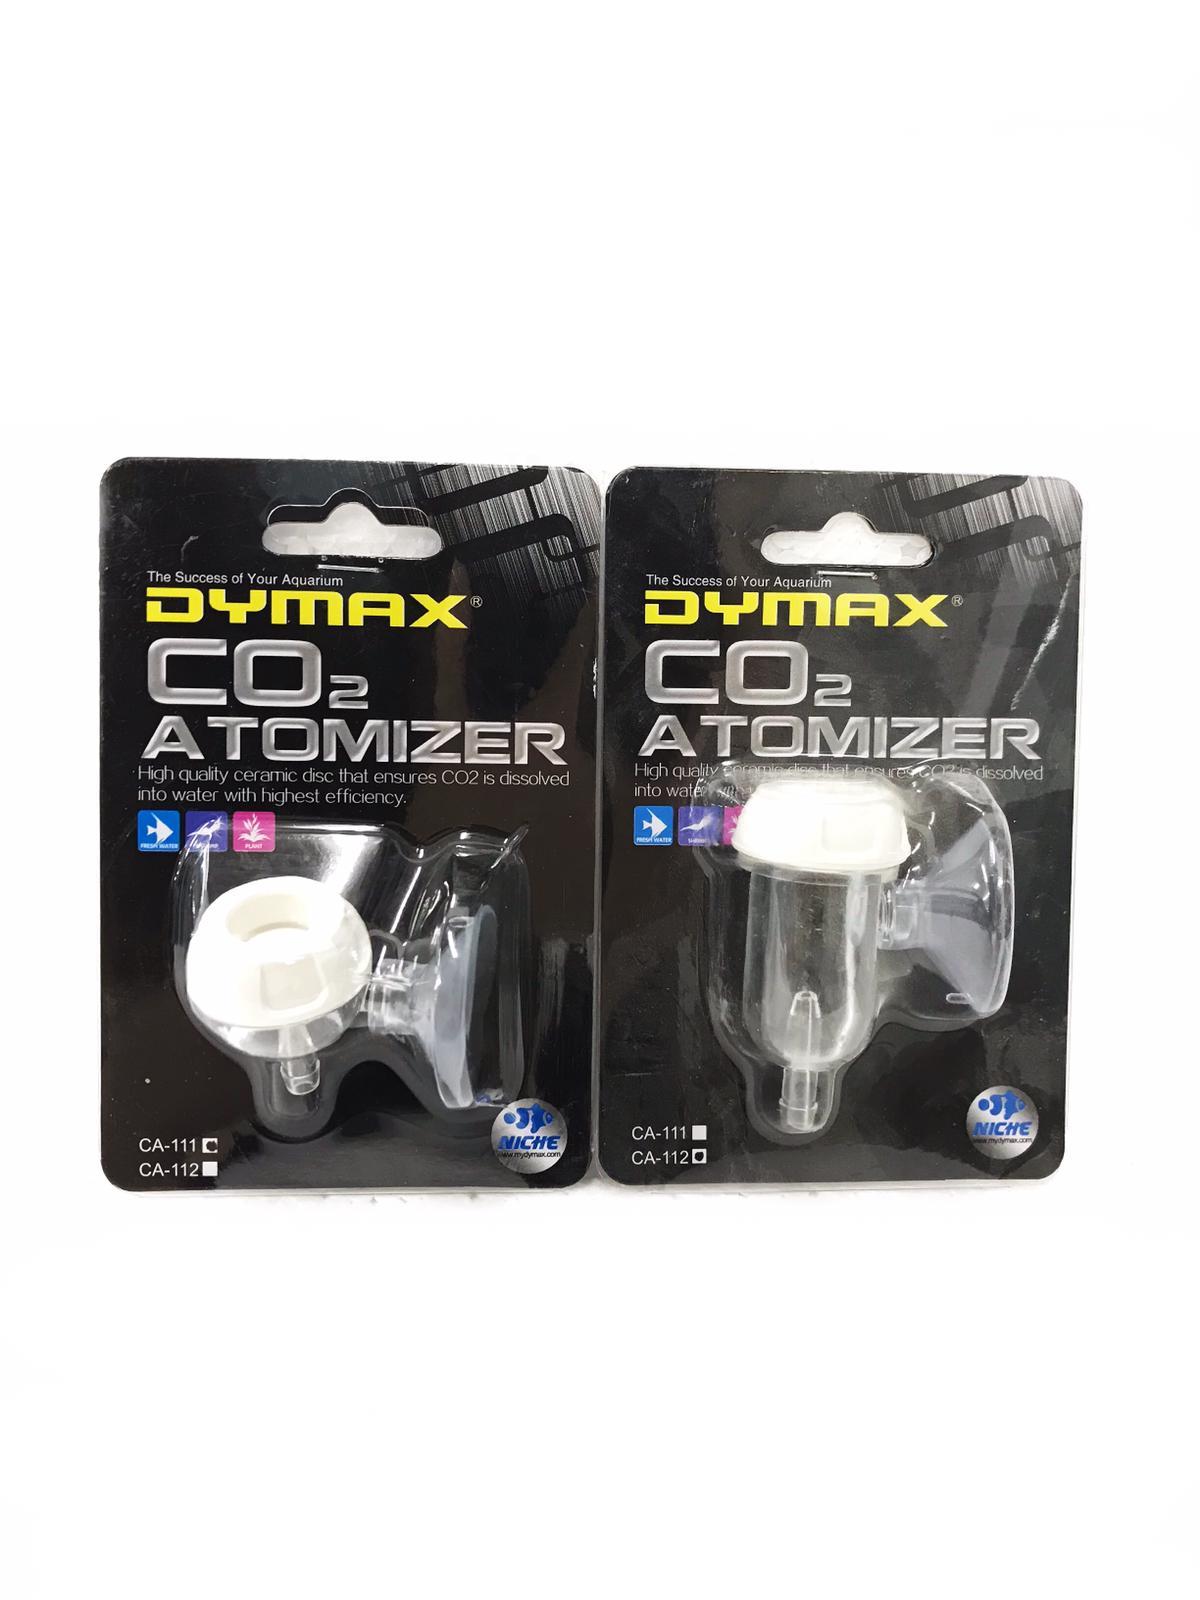 Dymax Co2 Atomizer